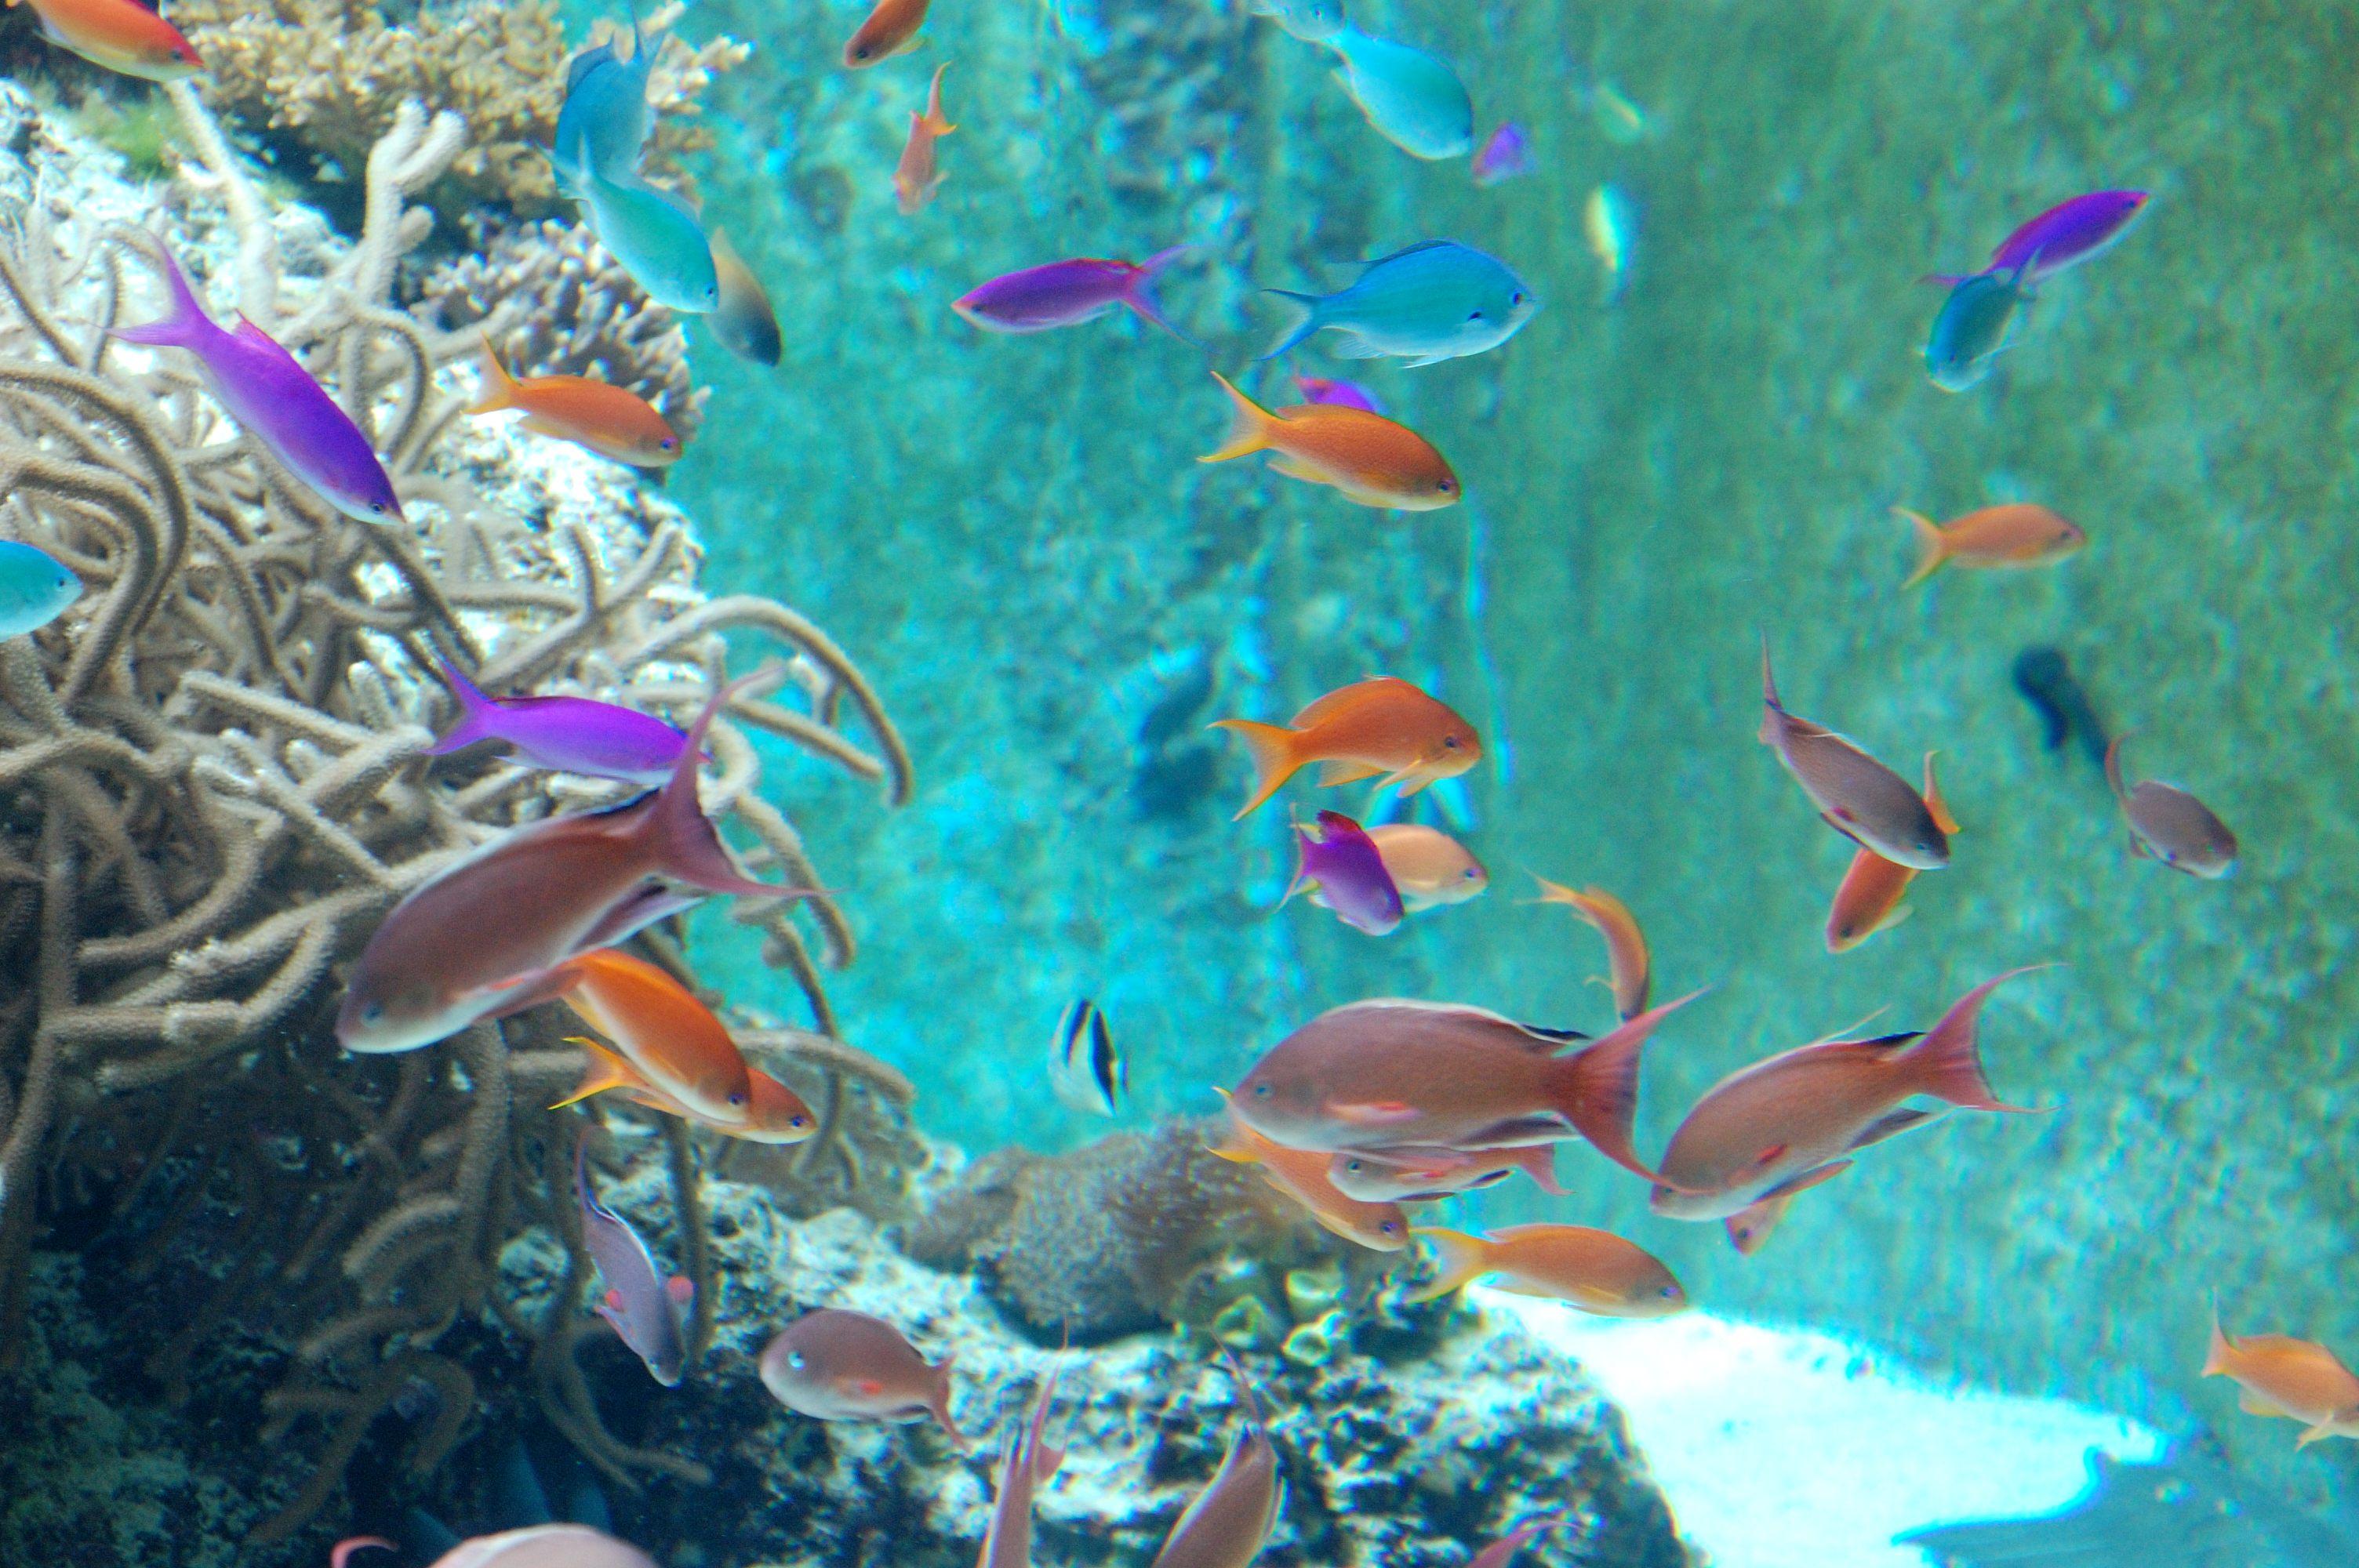 水族館の鮮やかな熱帯魚